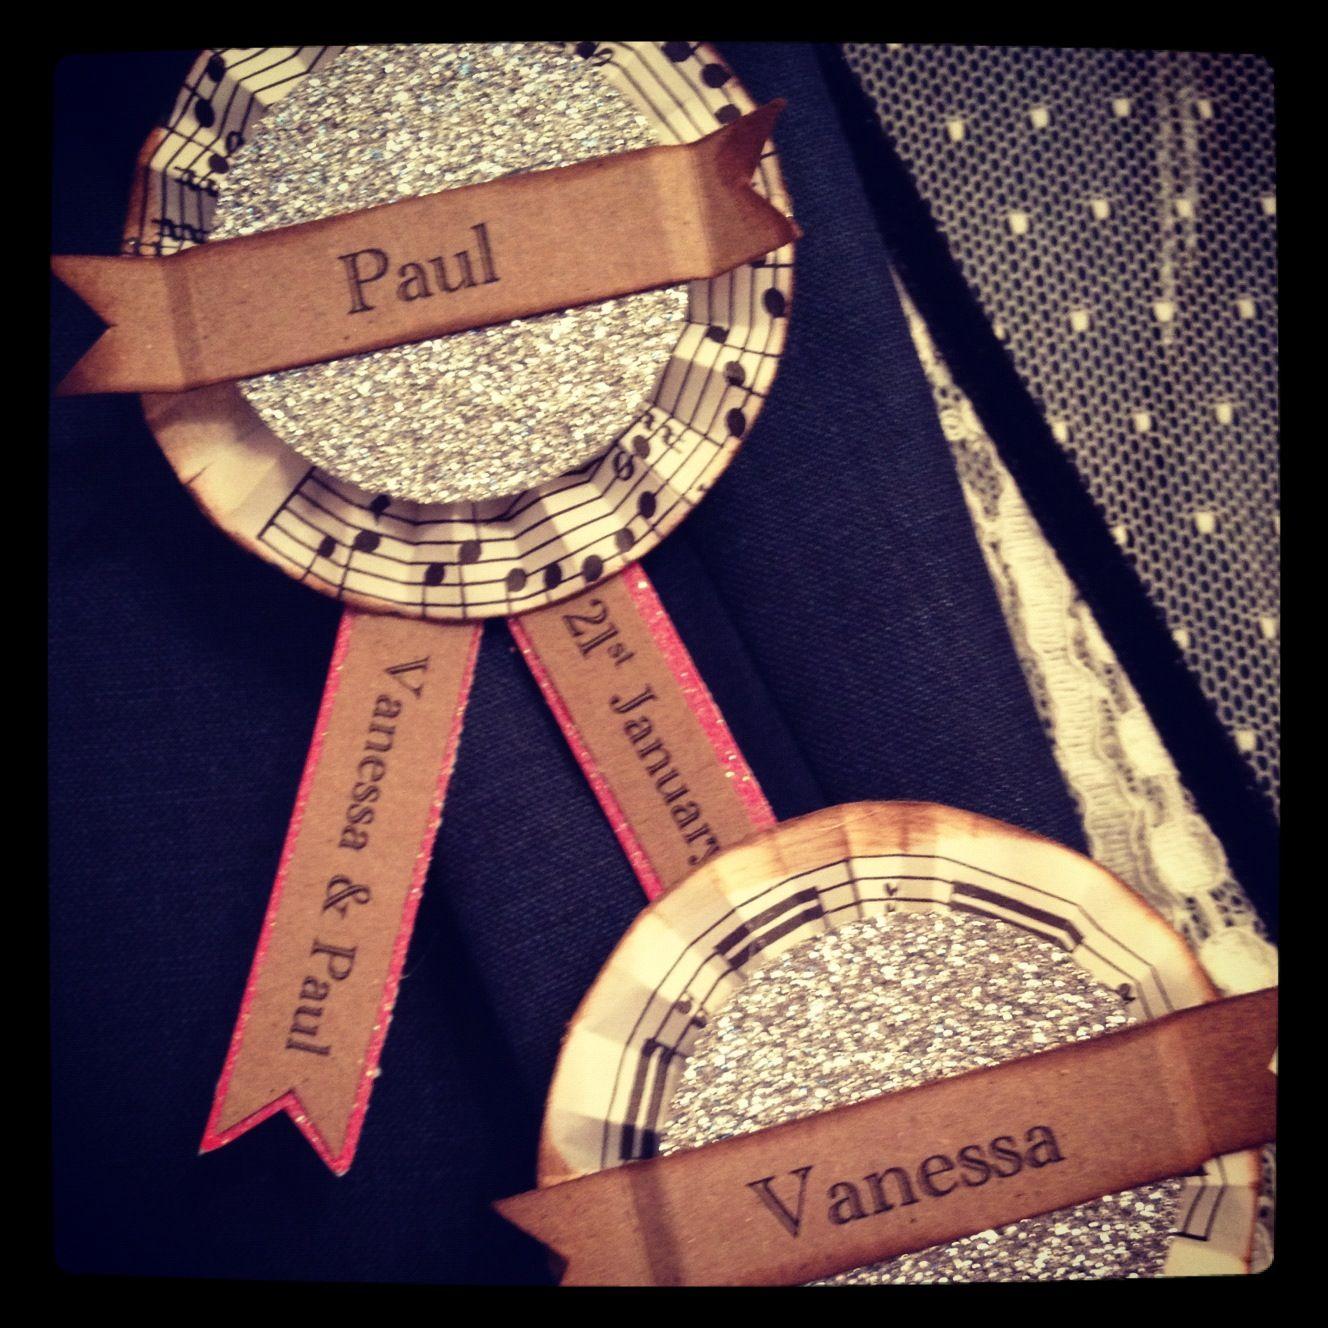 Rosette name badges | VANESSA SHELDRICK & PAUL BOWDEN ...